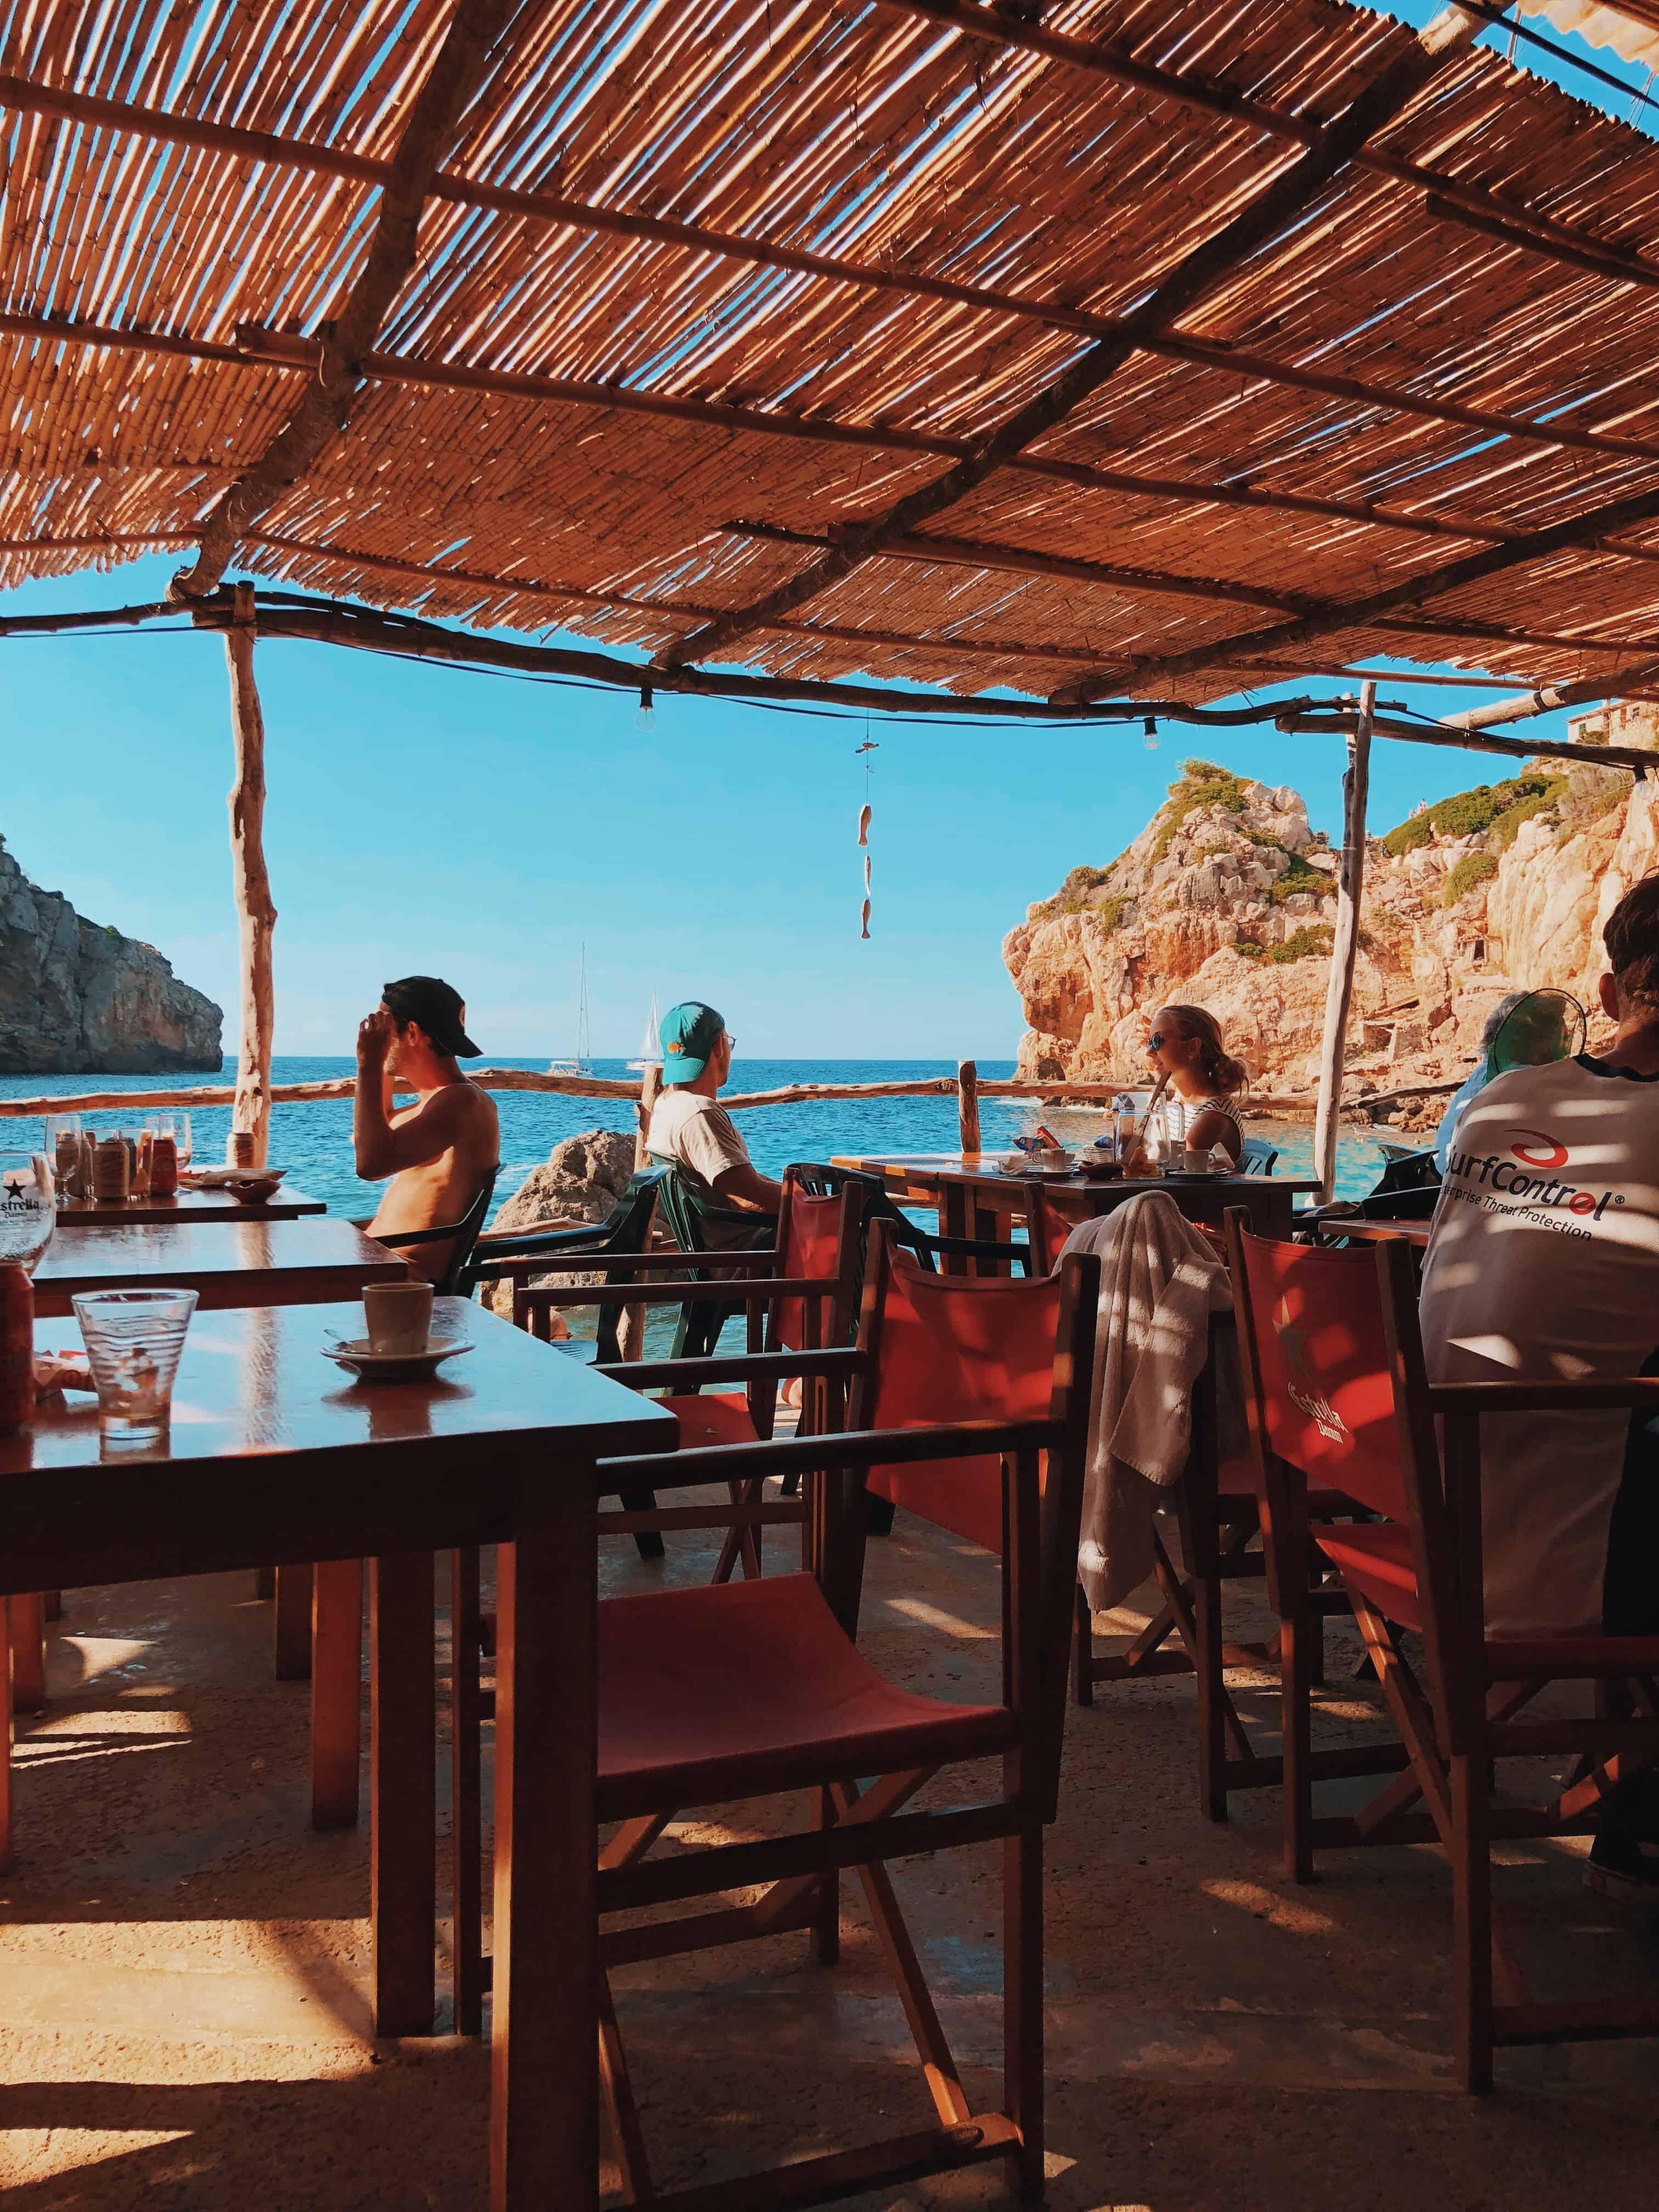 Tapas Palma de Mallorca. Tips Mallorca. Dineren in Mallorca. Overnachten in Mallorca. Bezienswaardigheden Palma de Mallorca. Eten in Mallorca